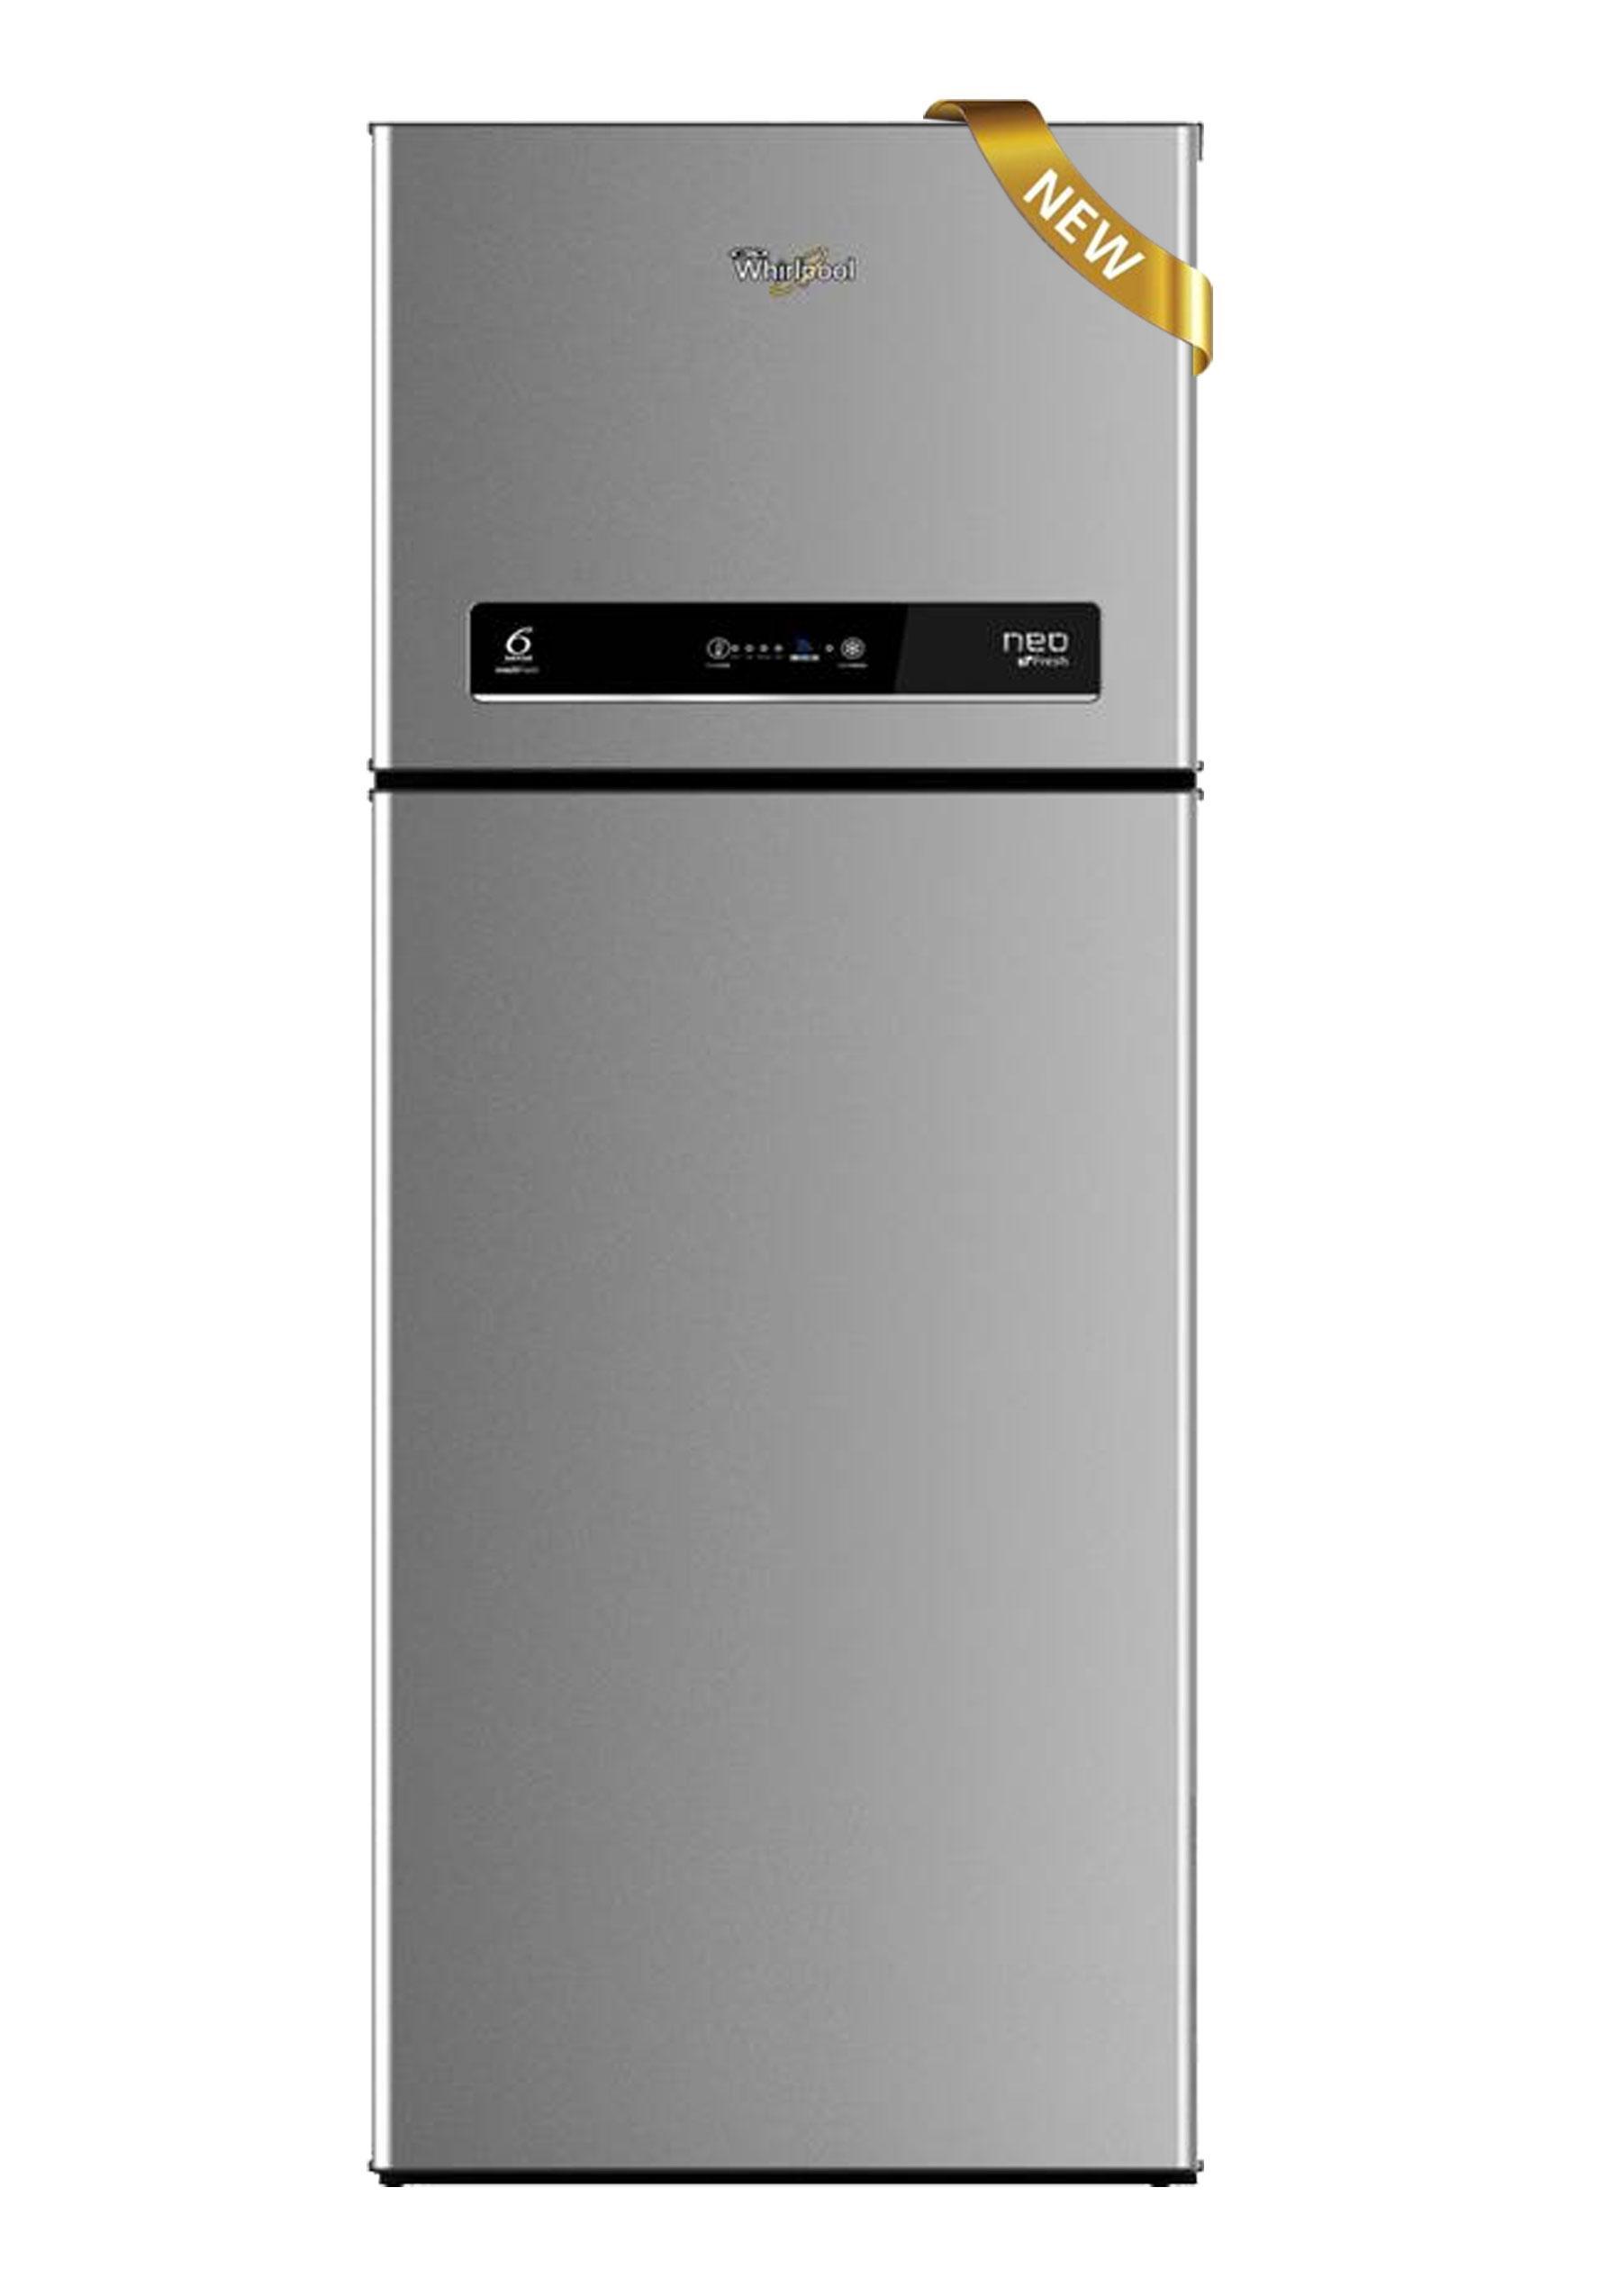 Whirlpool 292 L Frost Free Double Door Refrigerator Neo